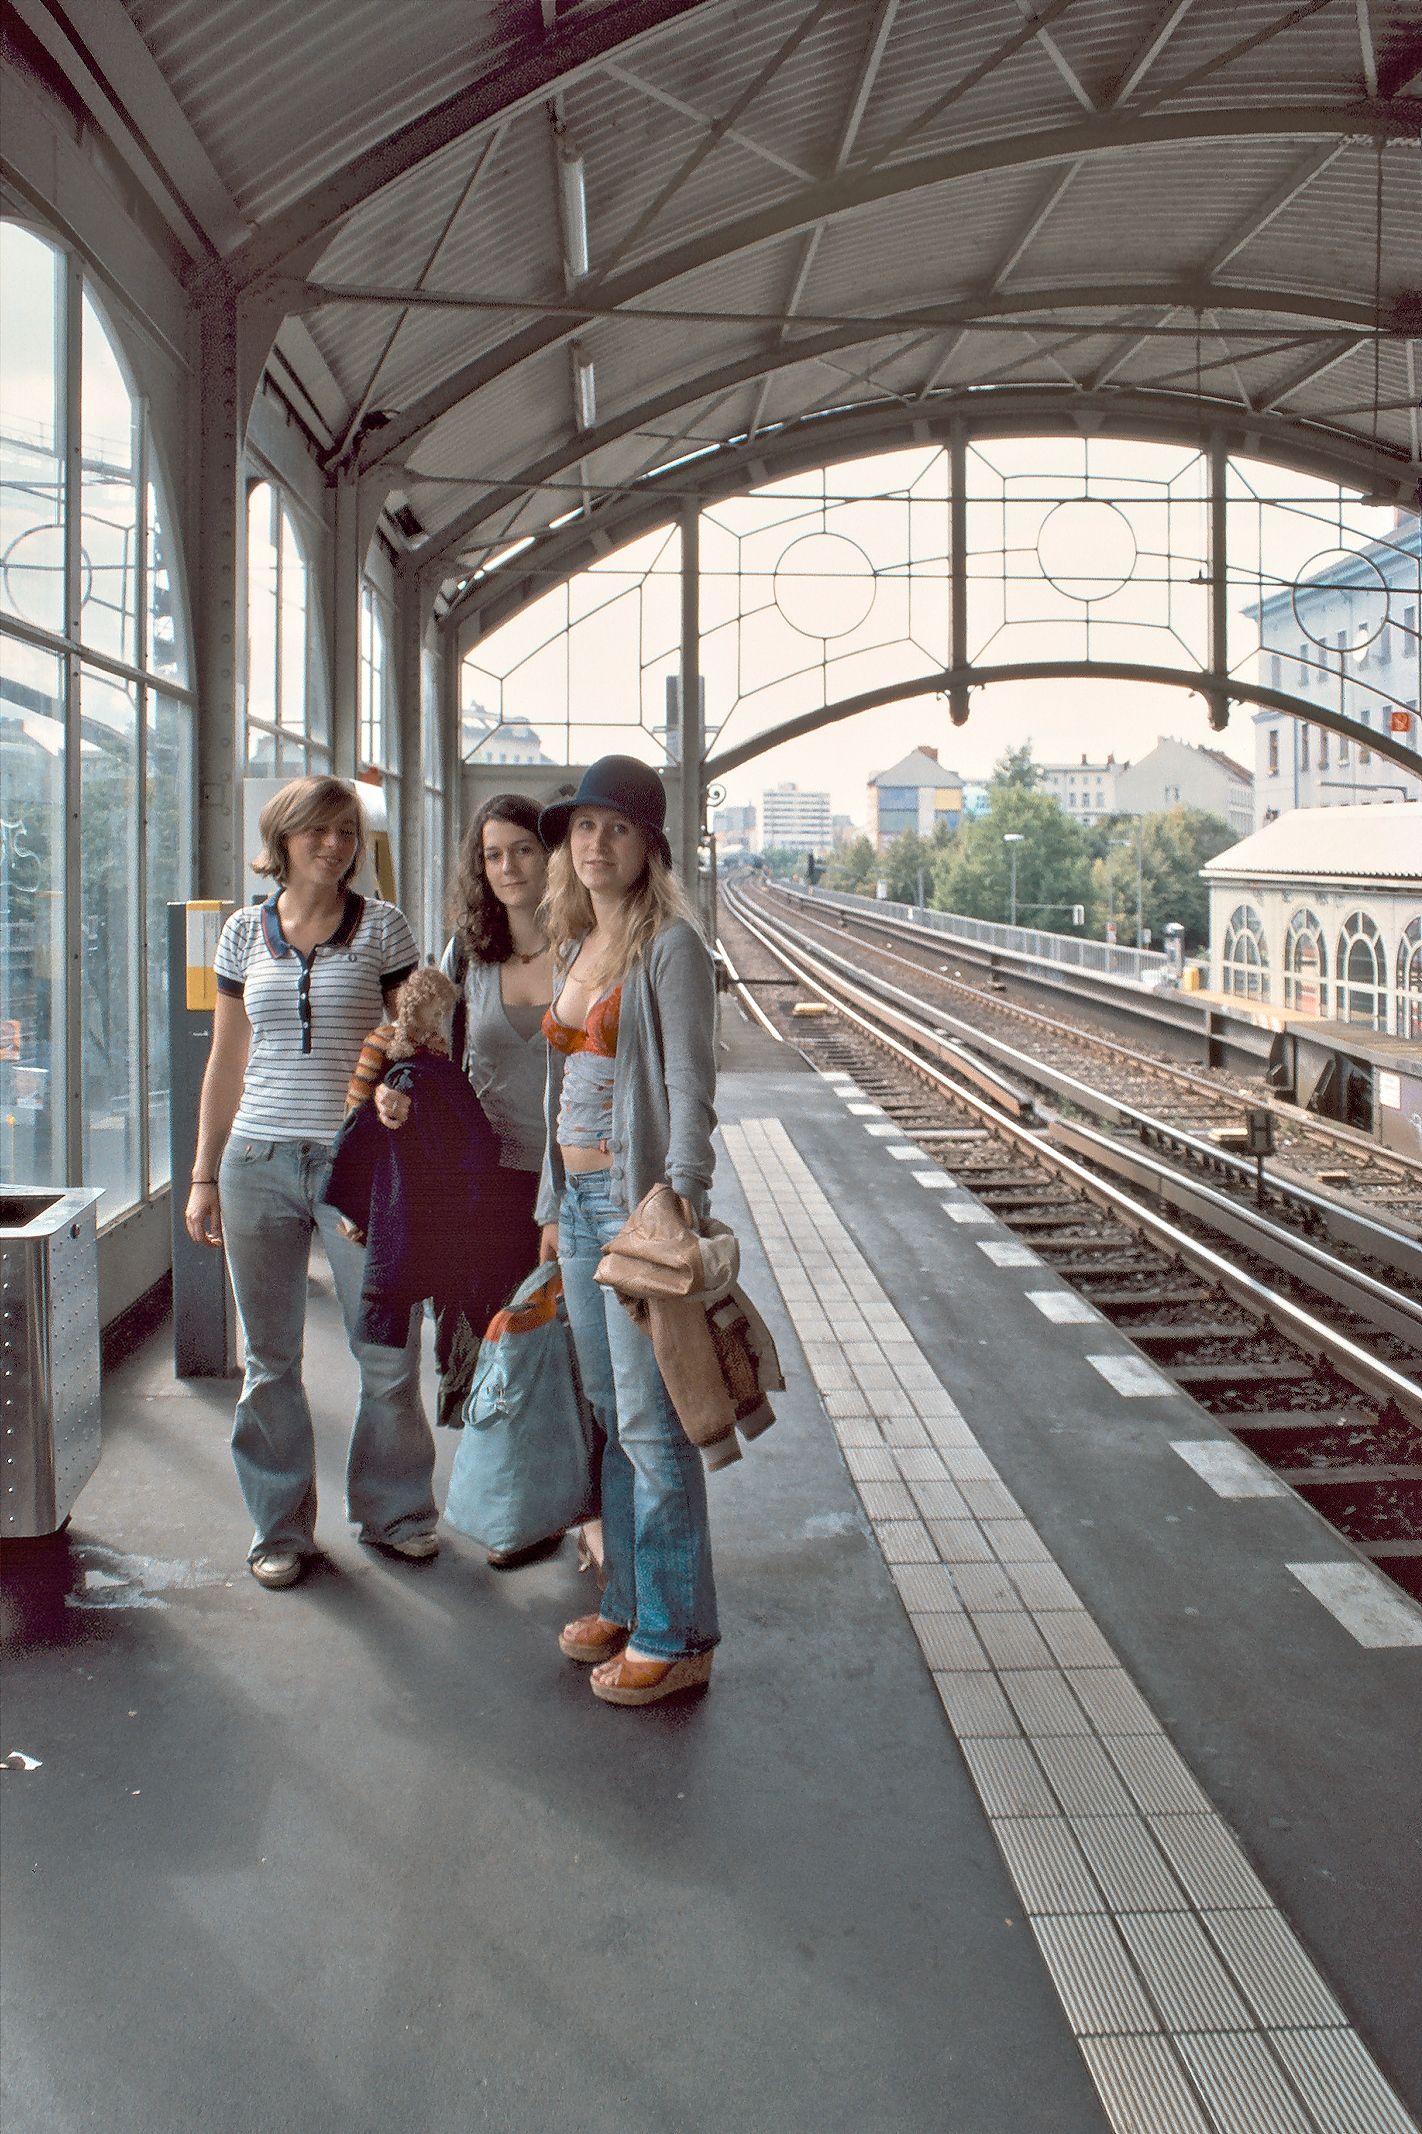 Auf dem Hochbahnsteig des Görlitzer Bahnhofs, Blickrichtung Innenstadt